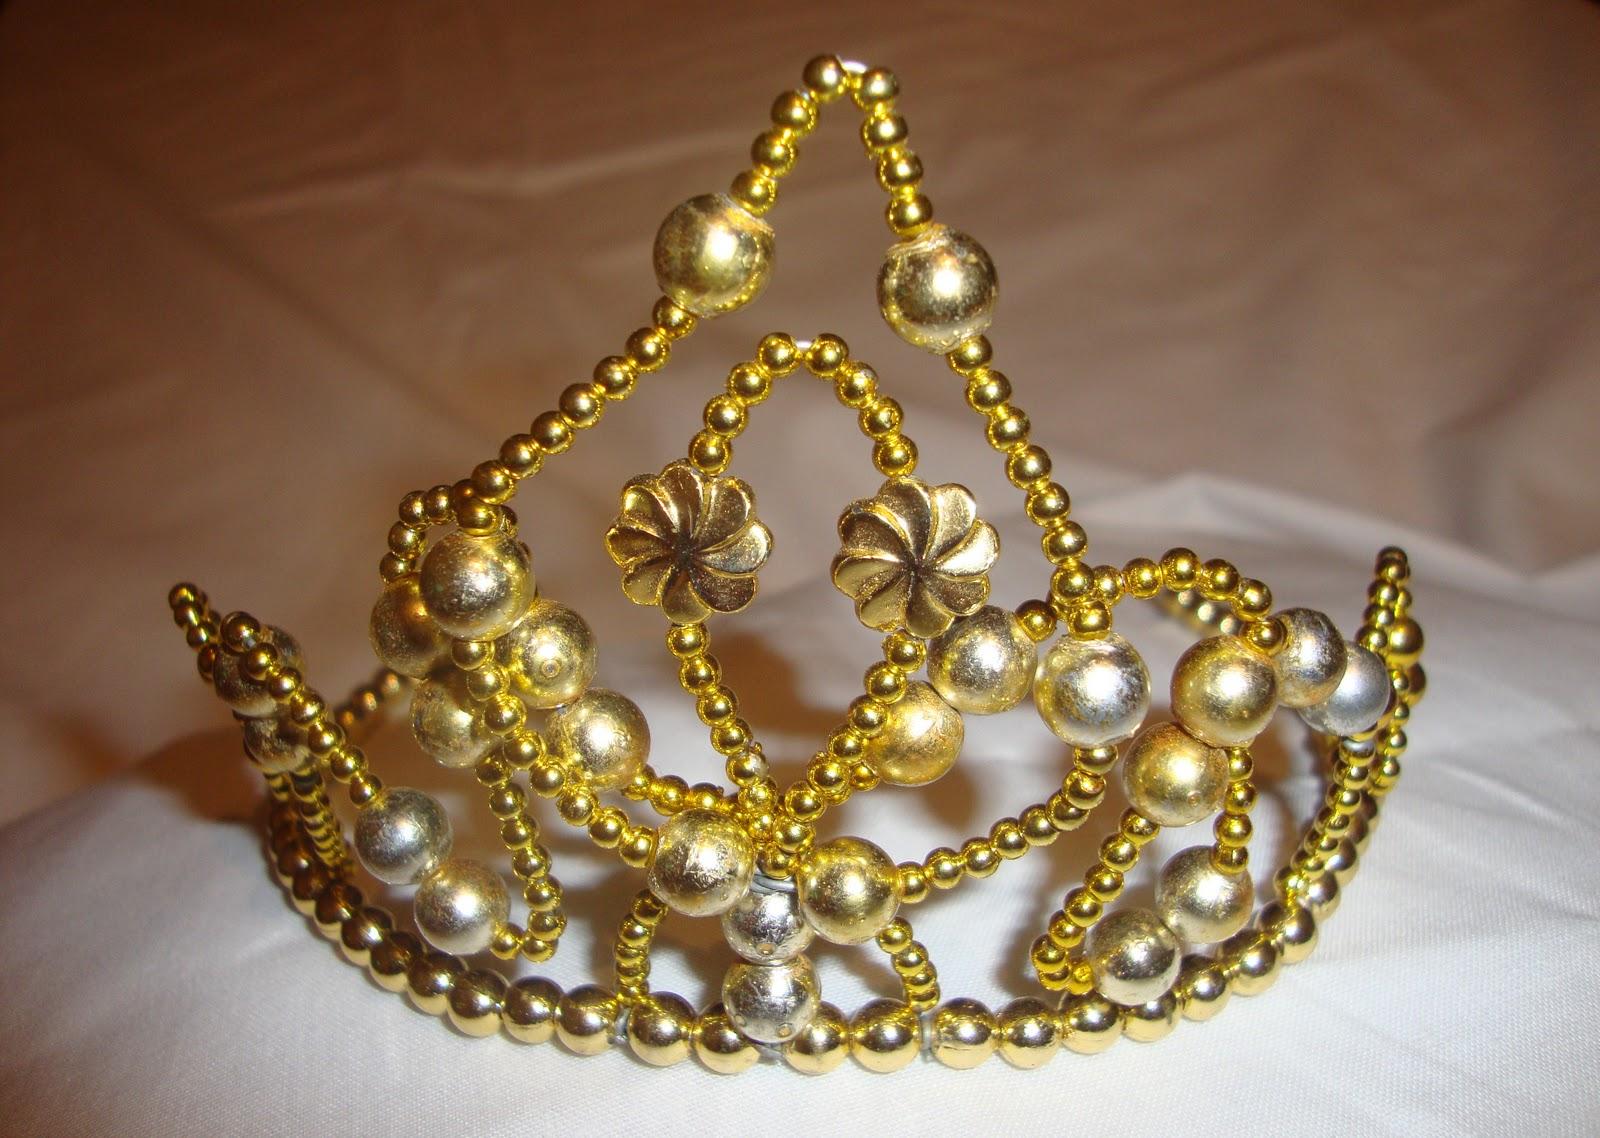 coronas de reina y cetros